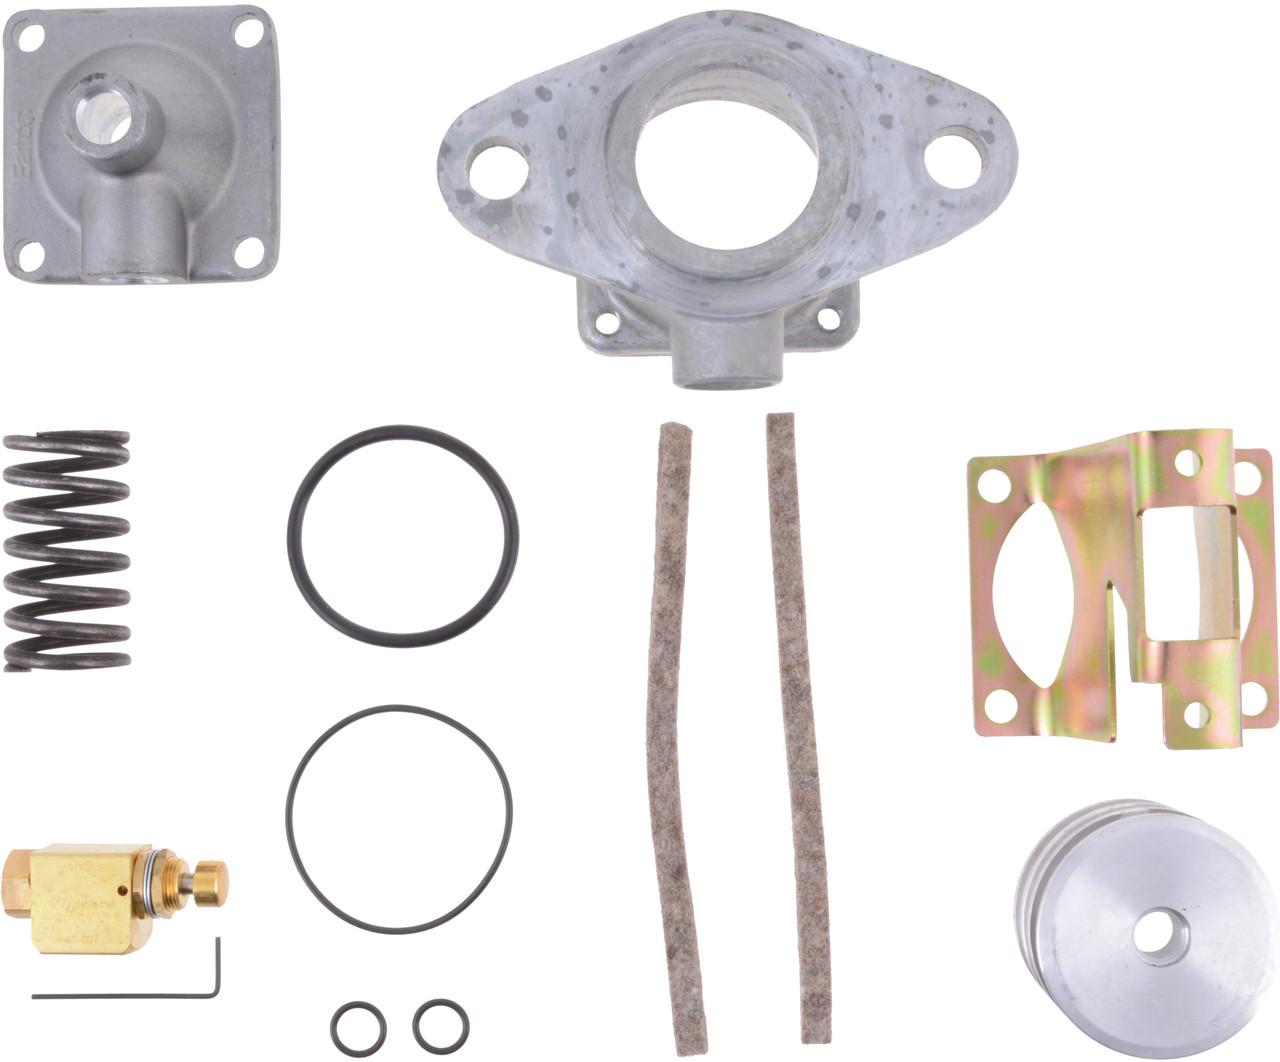 118409 Eaton Spicer Eaton 461 Lockout Parts Kit